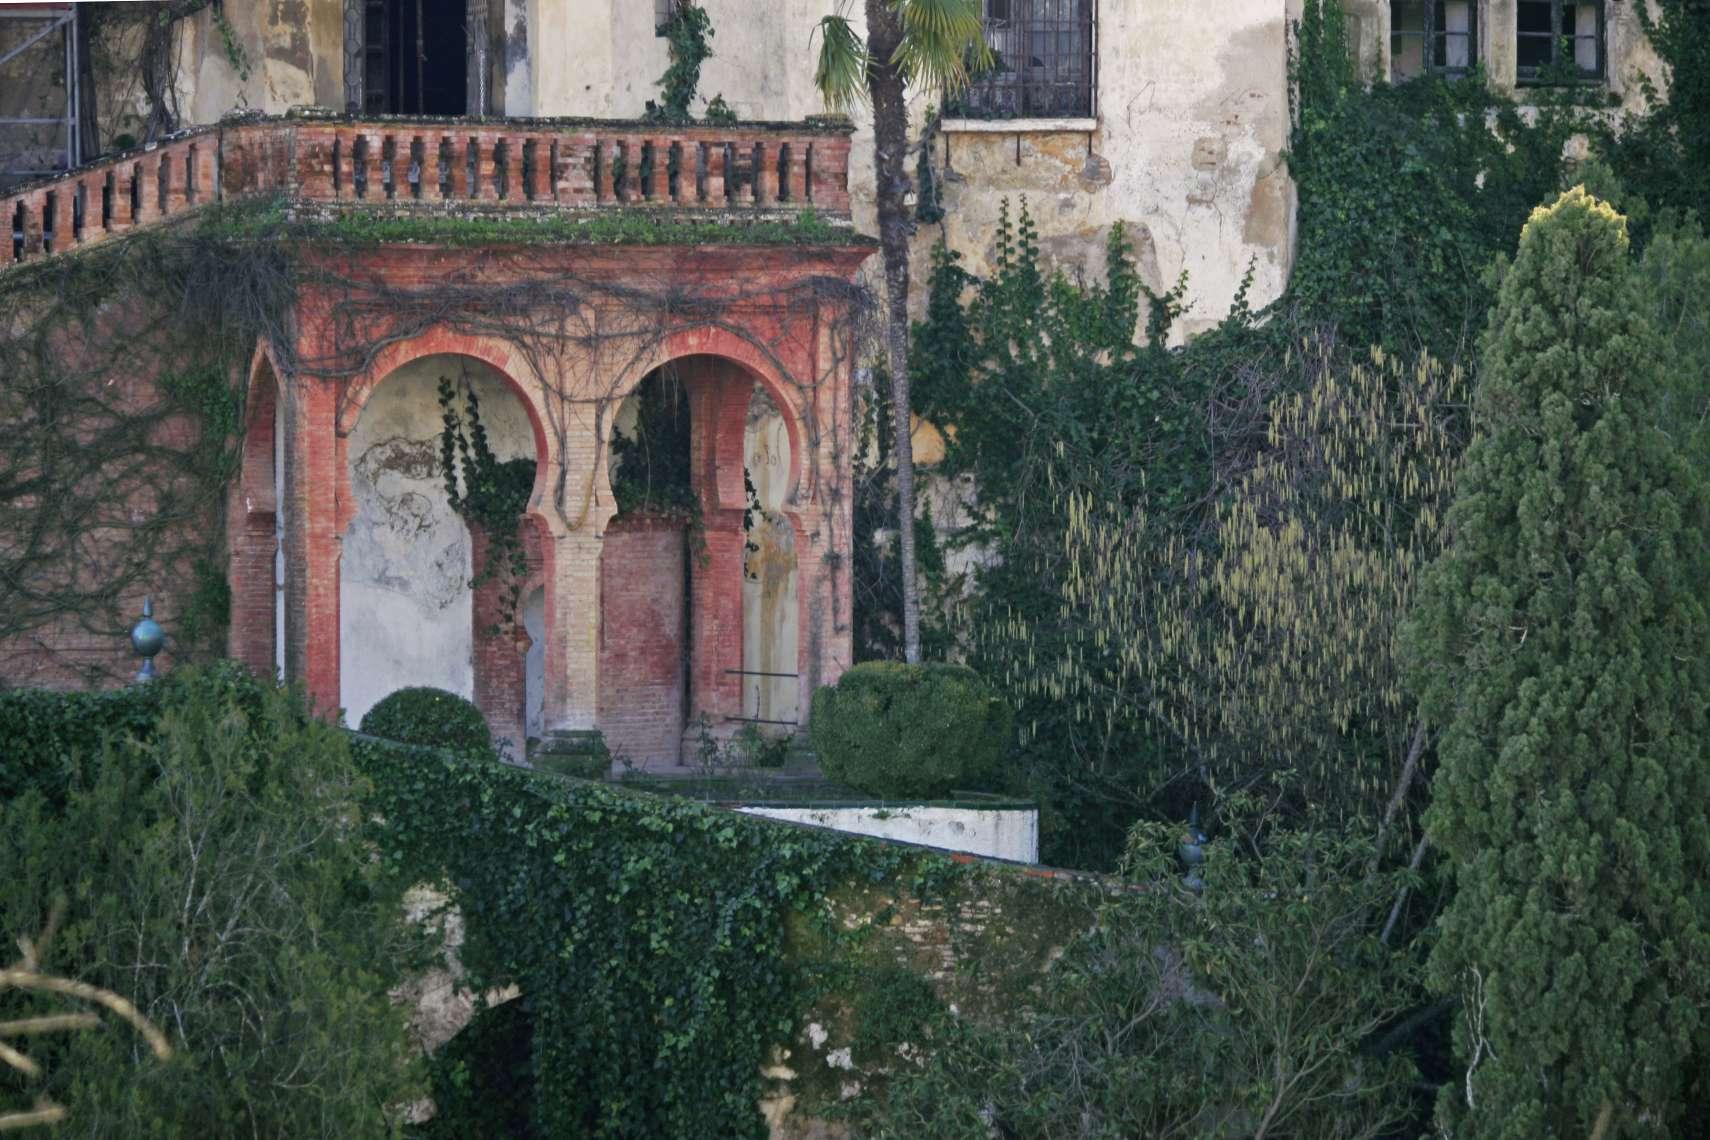 Detalle del exterior del Palacio